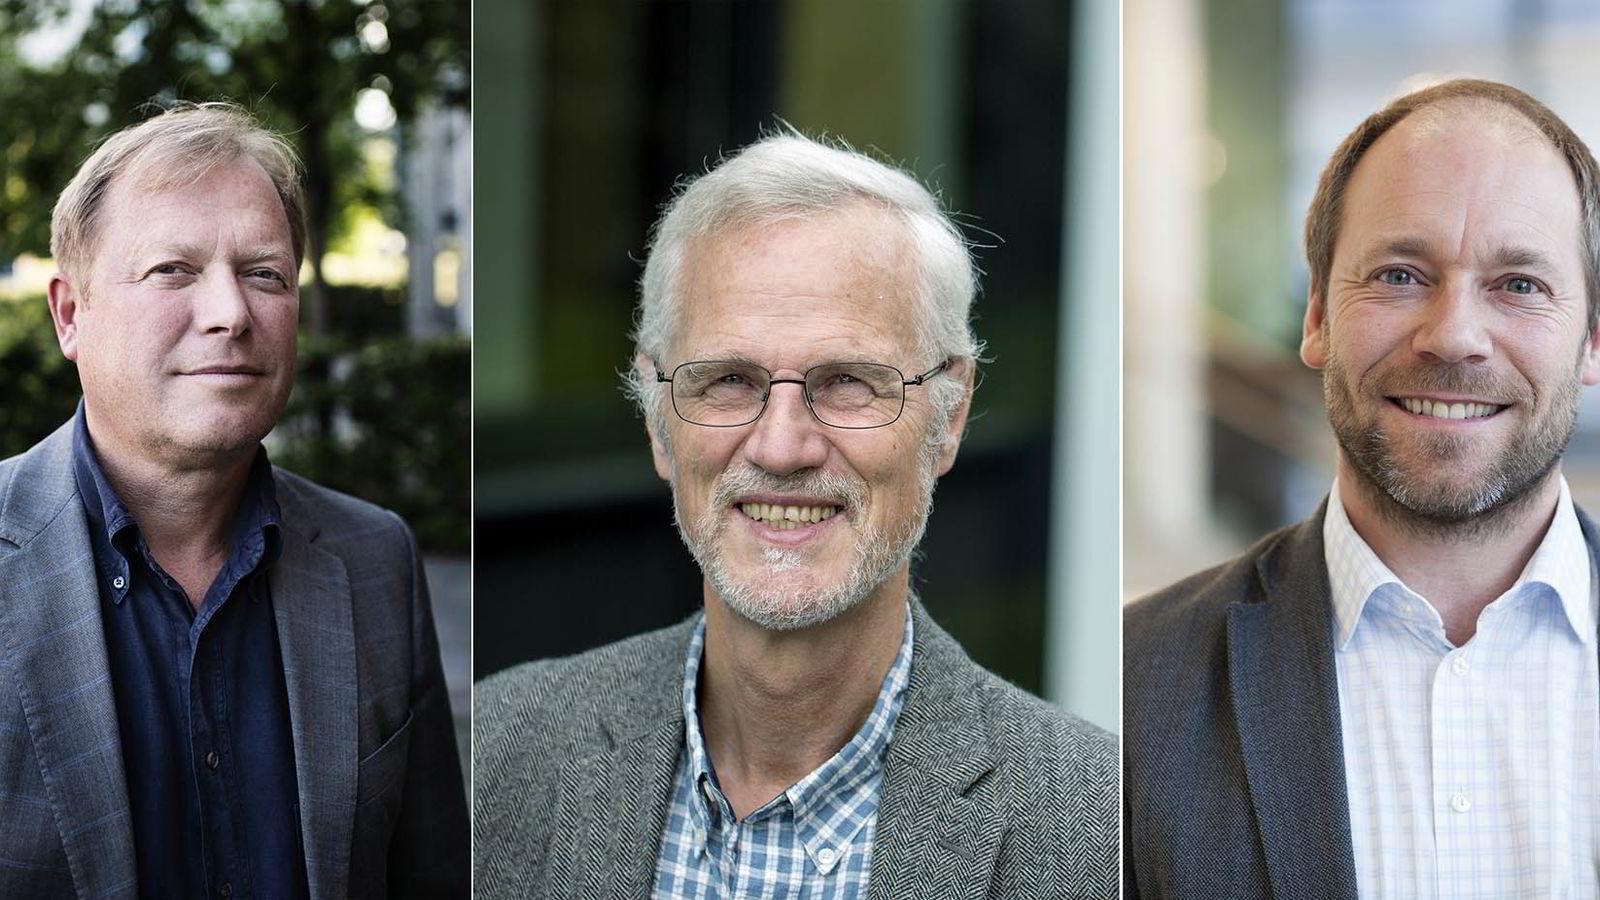 Fra venstre: BI-rektor Inge Jan Henjesand, NHH-rektor Frøystein Gjesdal. og dekan Espen Gressetvold ved Handelshøyskolen i Trondheim (NTNU).